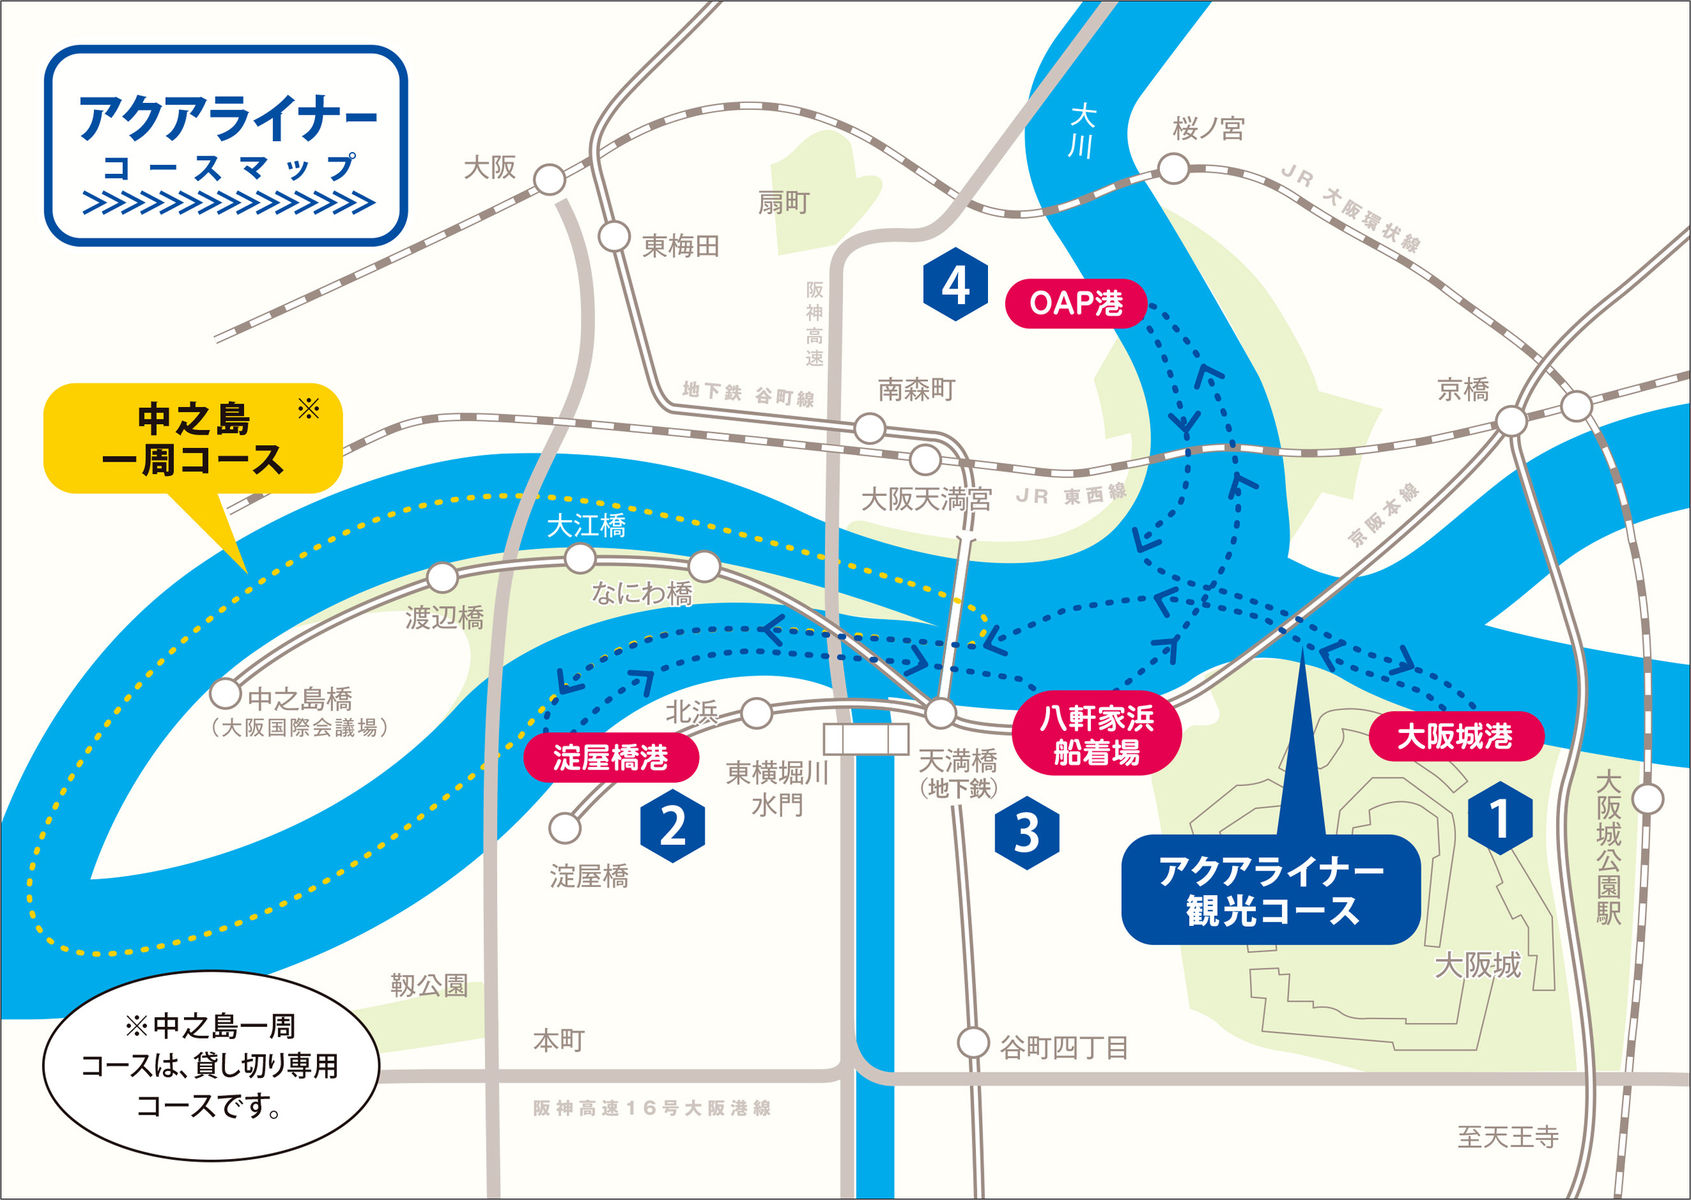 大阪水上バスマップ